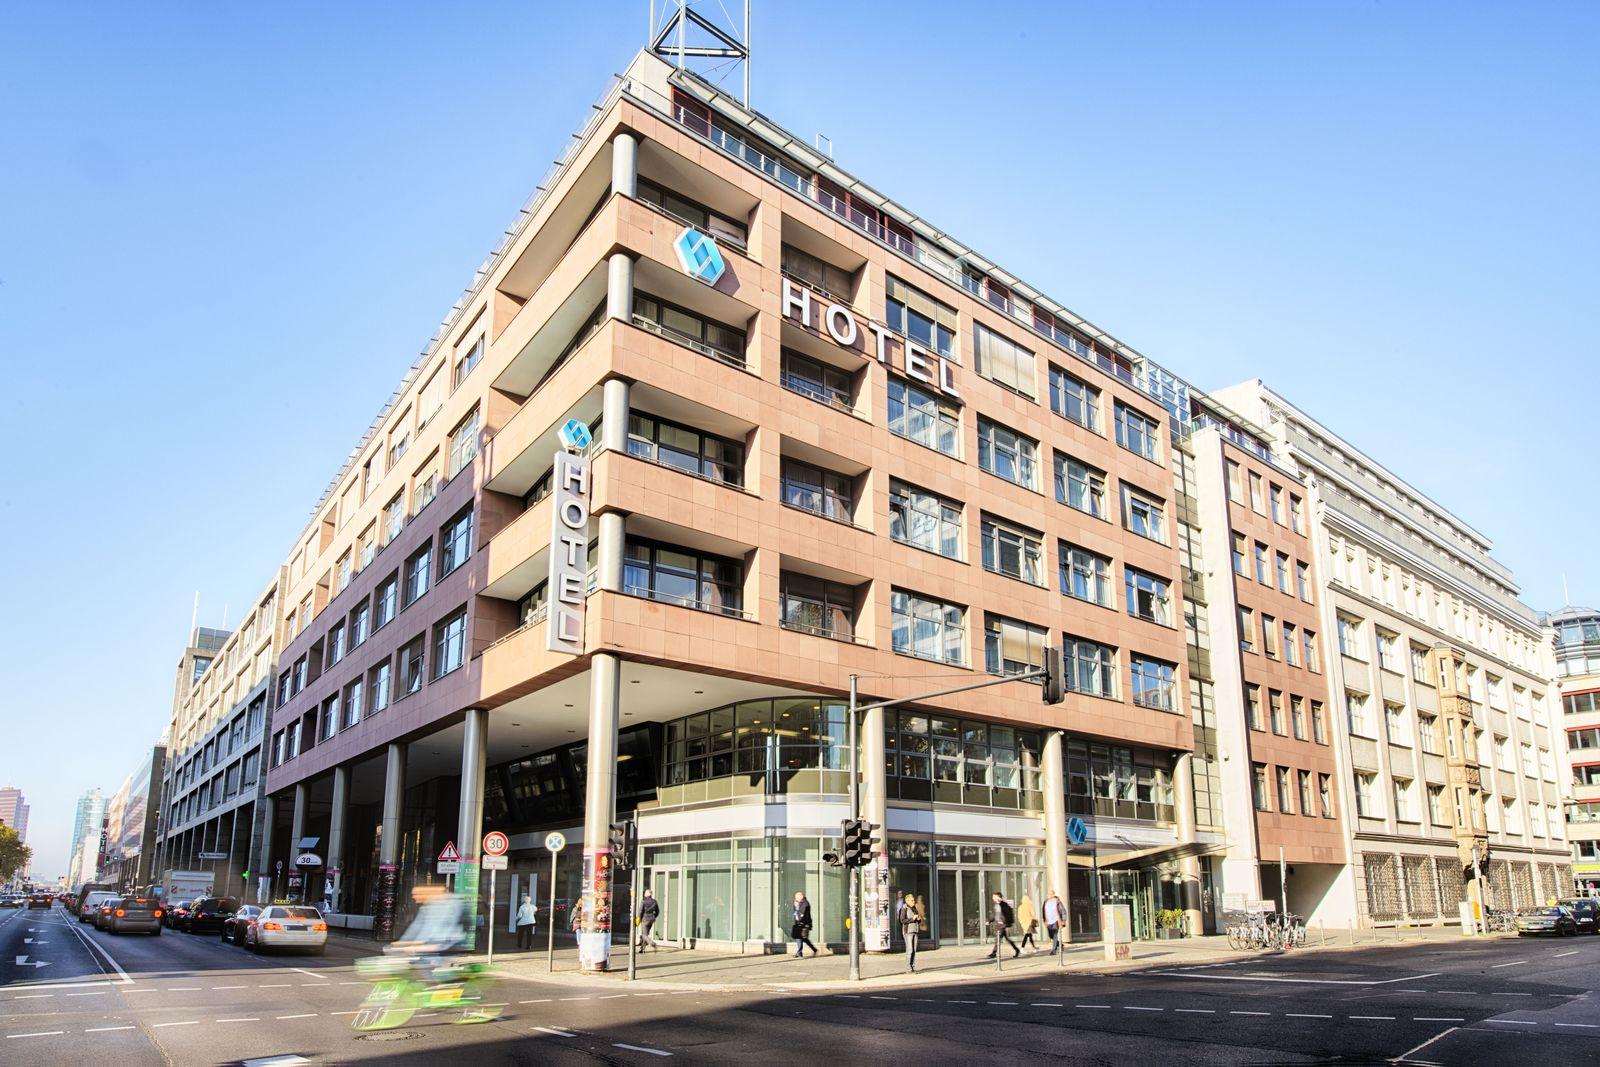 4* Select Hotel Berlin Gendarmenmarkt ab 28,60€/Nacht inkl. Frühstück im DZ (kostenfrei stornierbar) bei Buchung von 4 Nächten